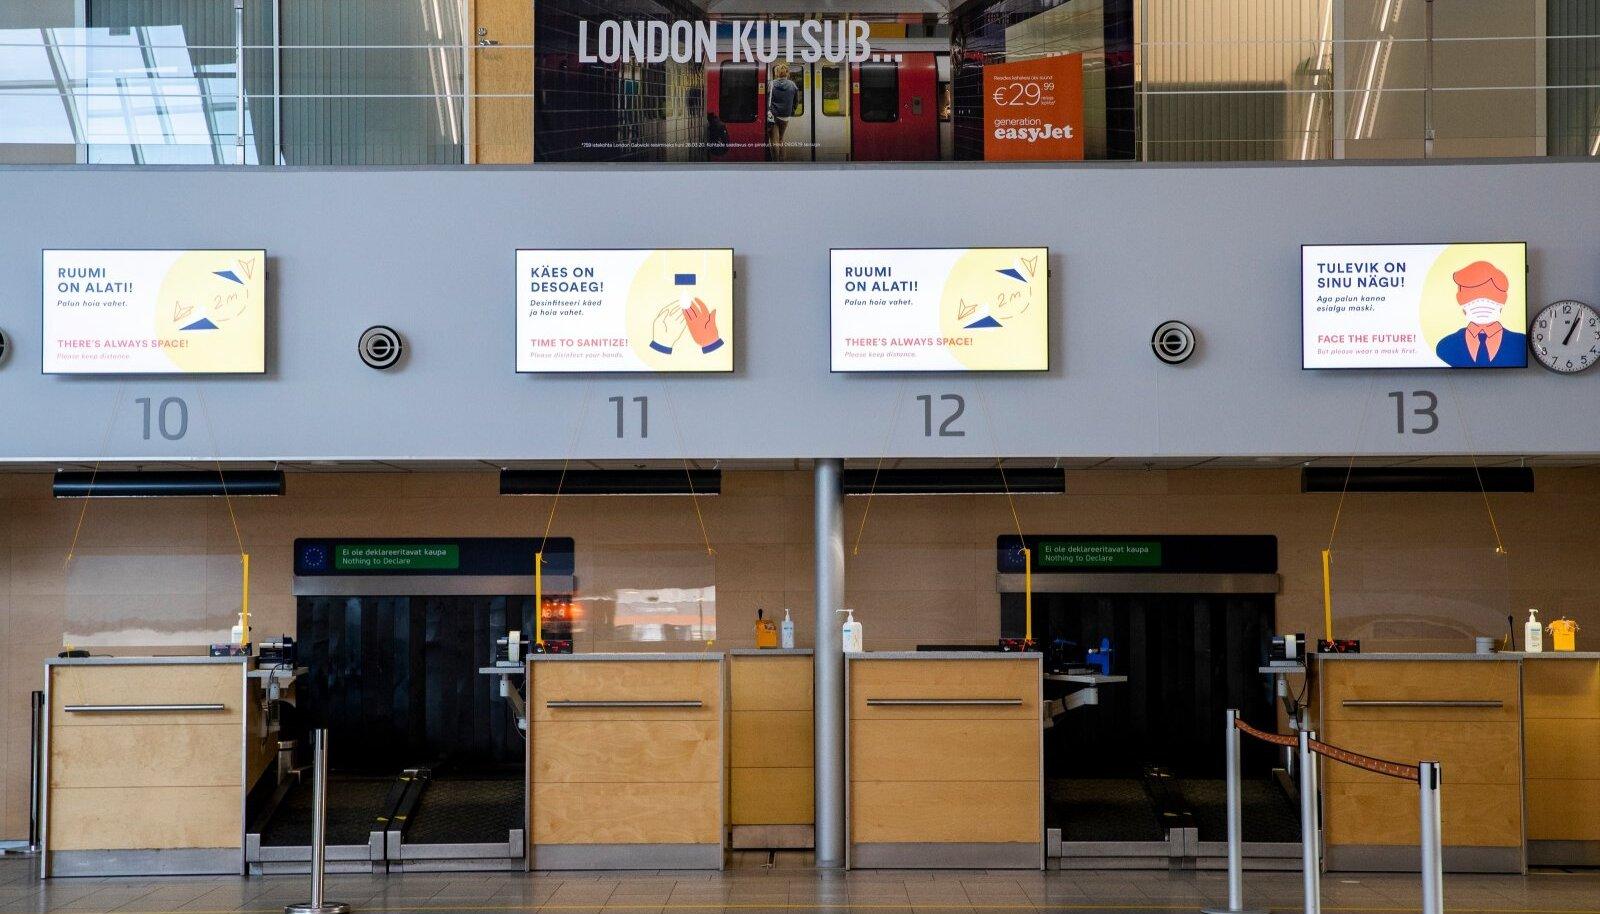 Tallinna lennujaam oli eile keskpäeval inimtühi. Kuna koroonaviirusega nakatumine suureneb üle Euroopa, ähvardavad praeguste piirangute säilimise korral kaduda vähesedki alles jäänud lennuühendused.